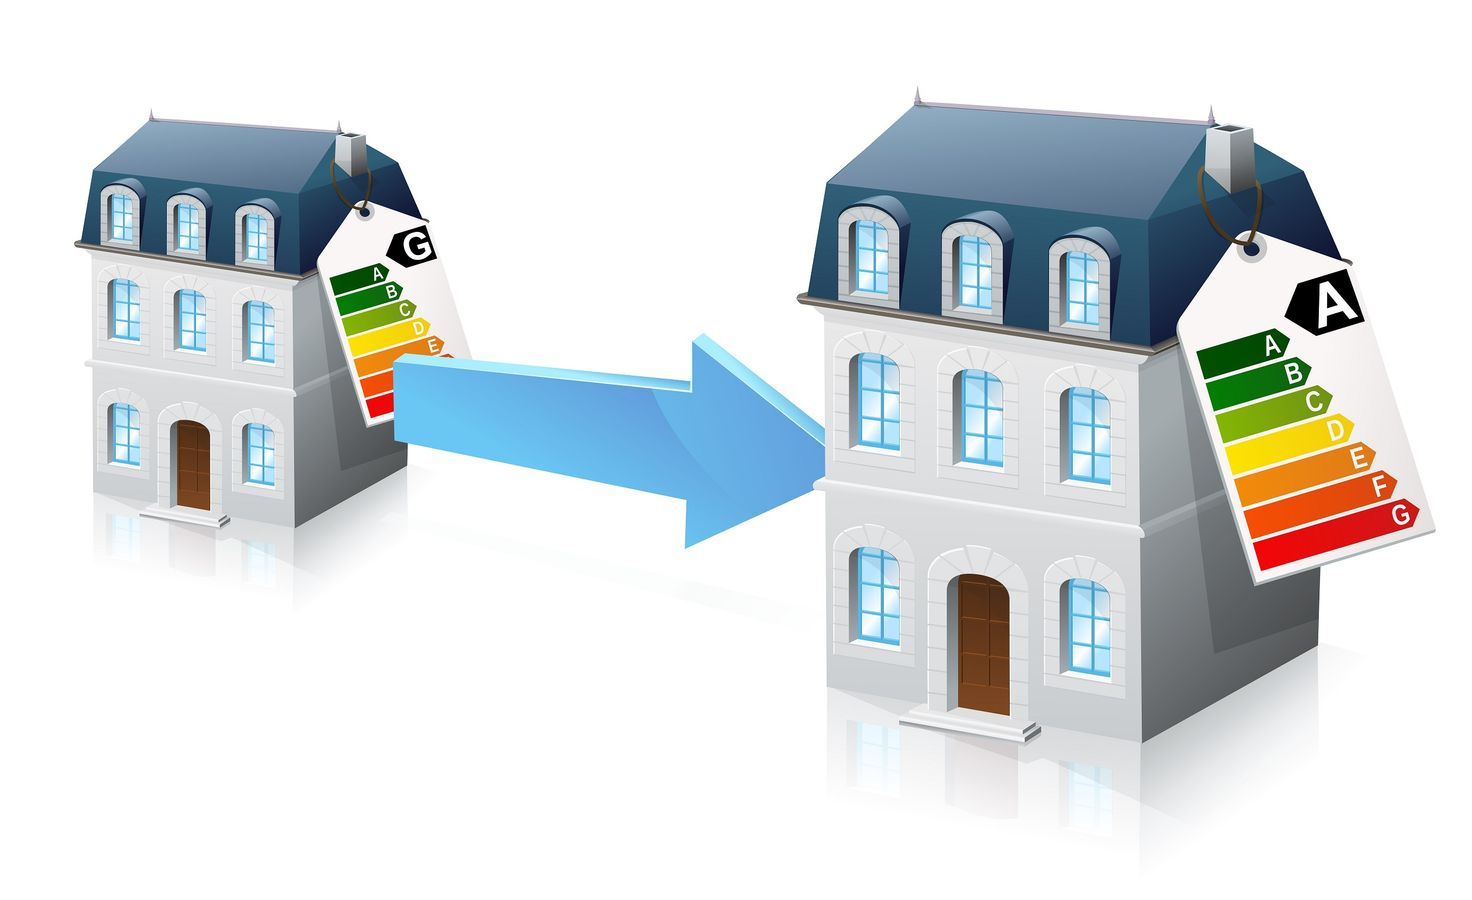 Fournir une plateforme CEE pour les particuliers d'un territoire : l'exemple de la Région AURA